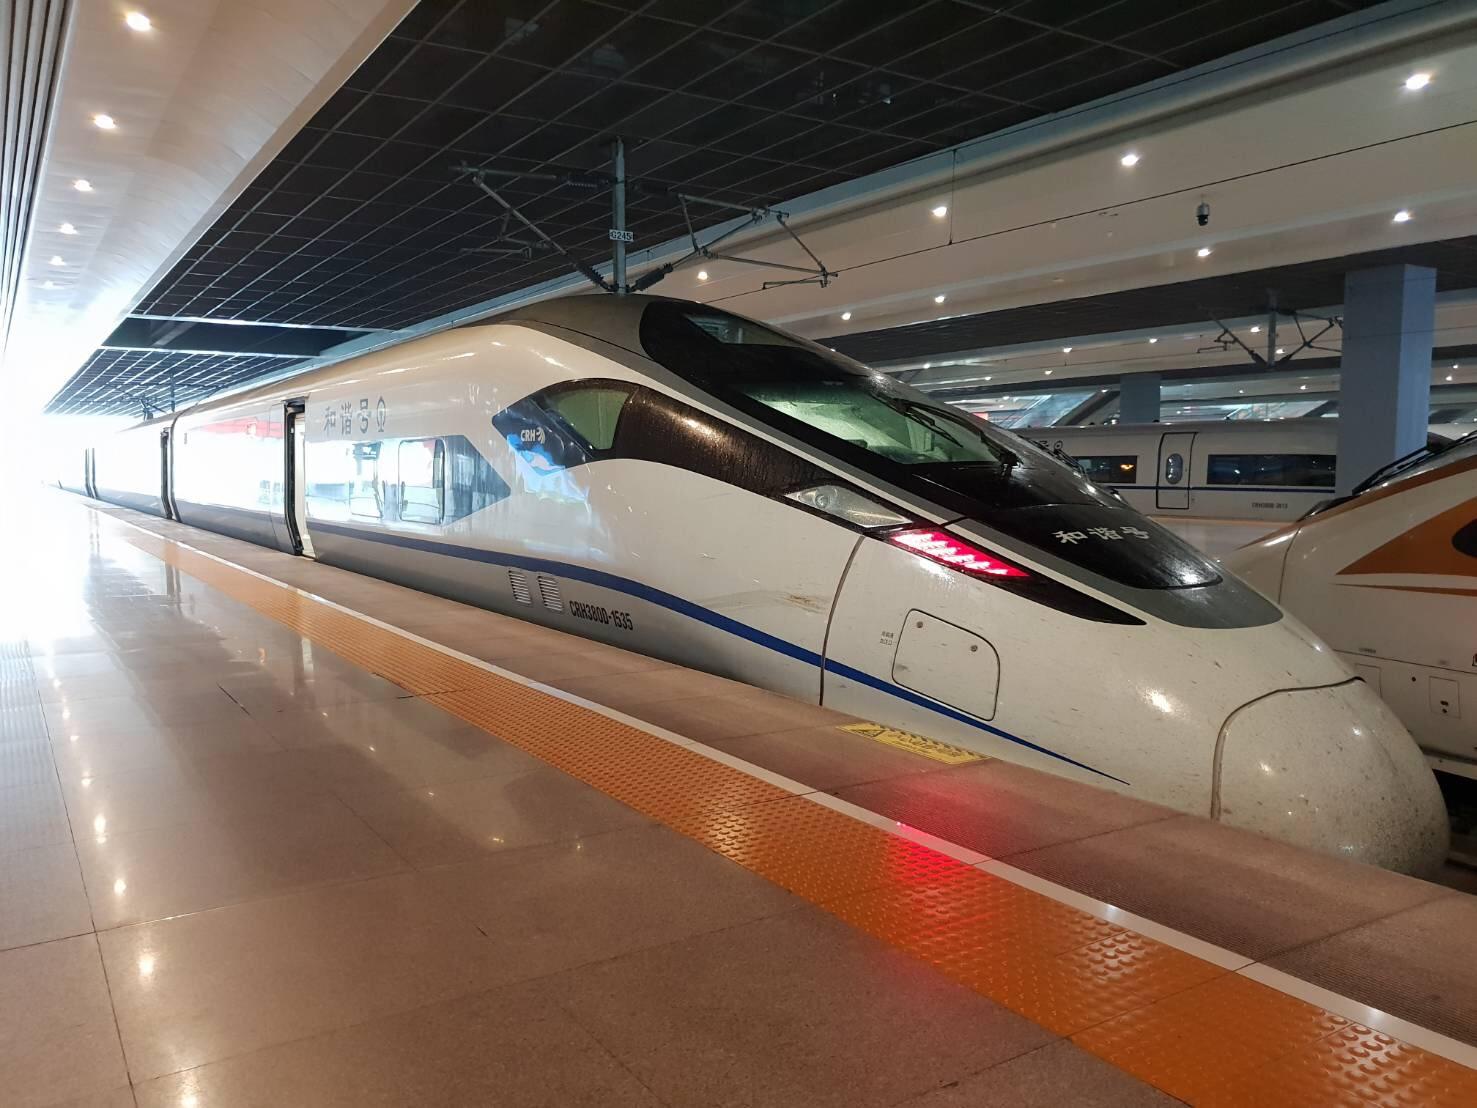 เครือเจริญโภคภัณฑ์และพันธมิตรนานาชาติ พร้อมยื่นซองประมูลโครงการรถไฟฟ้าความเร็วสูงเชื่อม 3 สนามบิน